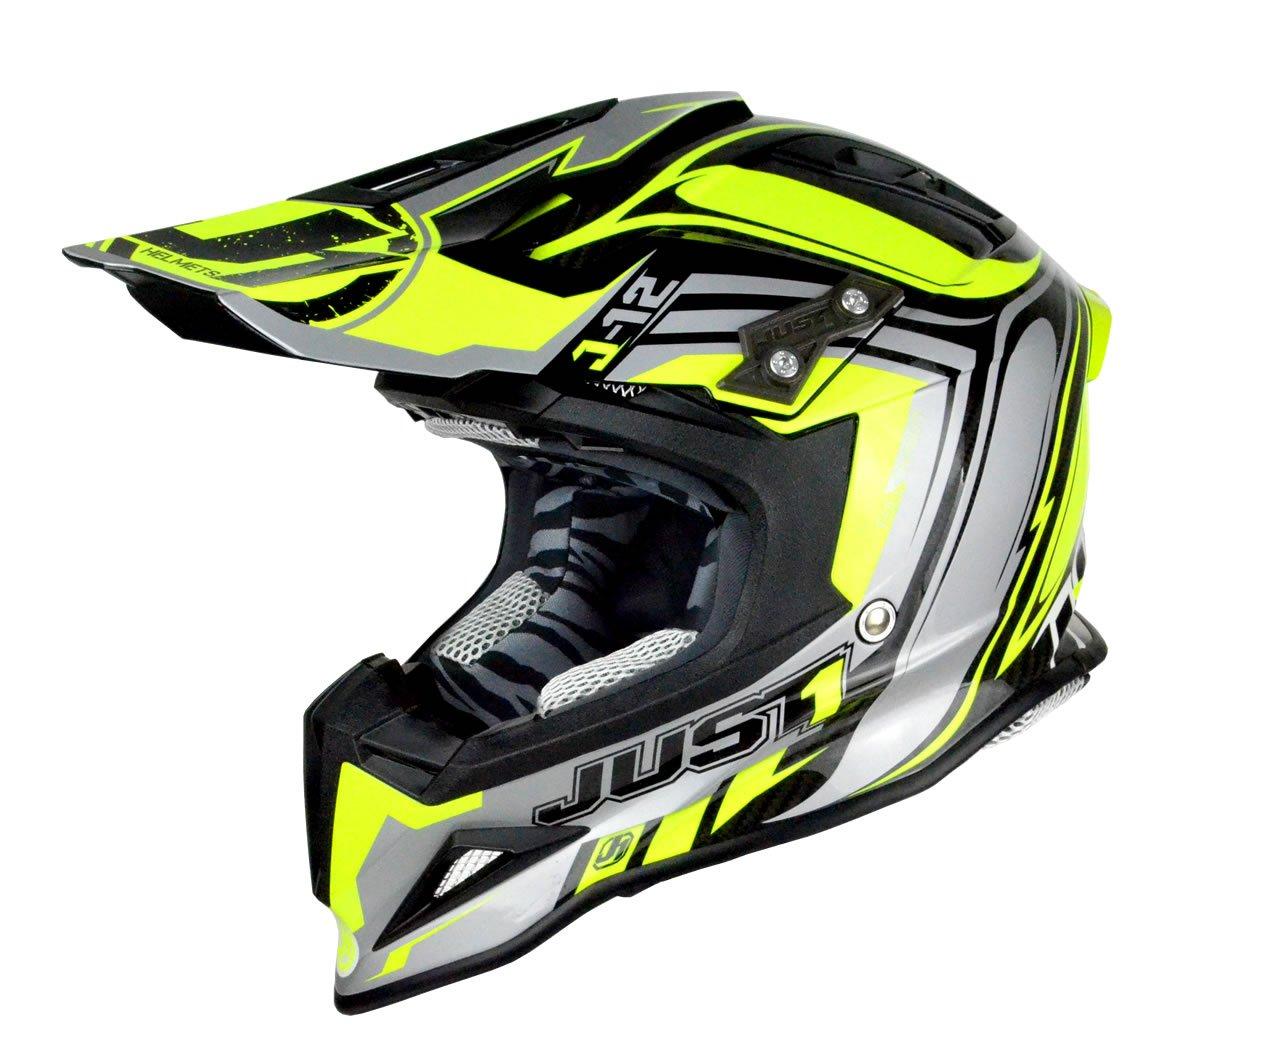 Just 1 Helmets - Casco Motocross J12, Giallo/Nero, S